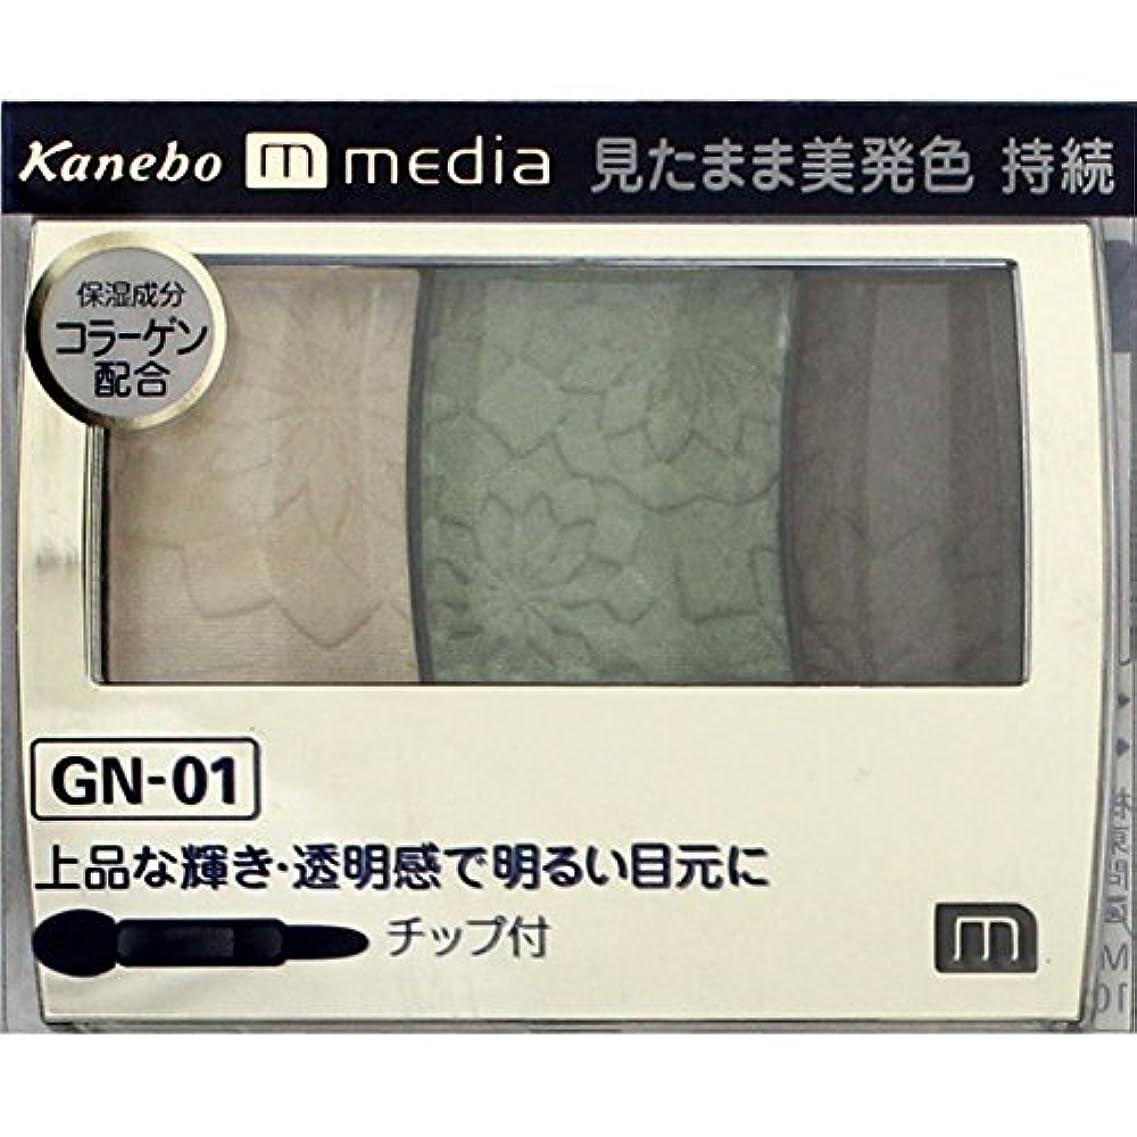 服趣味死の顎【カネボウ】 メディア グラデカラーアイシャドウ GN-01